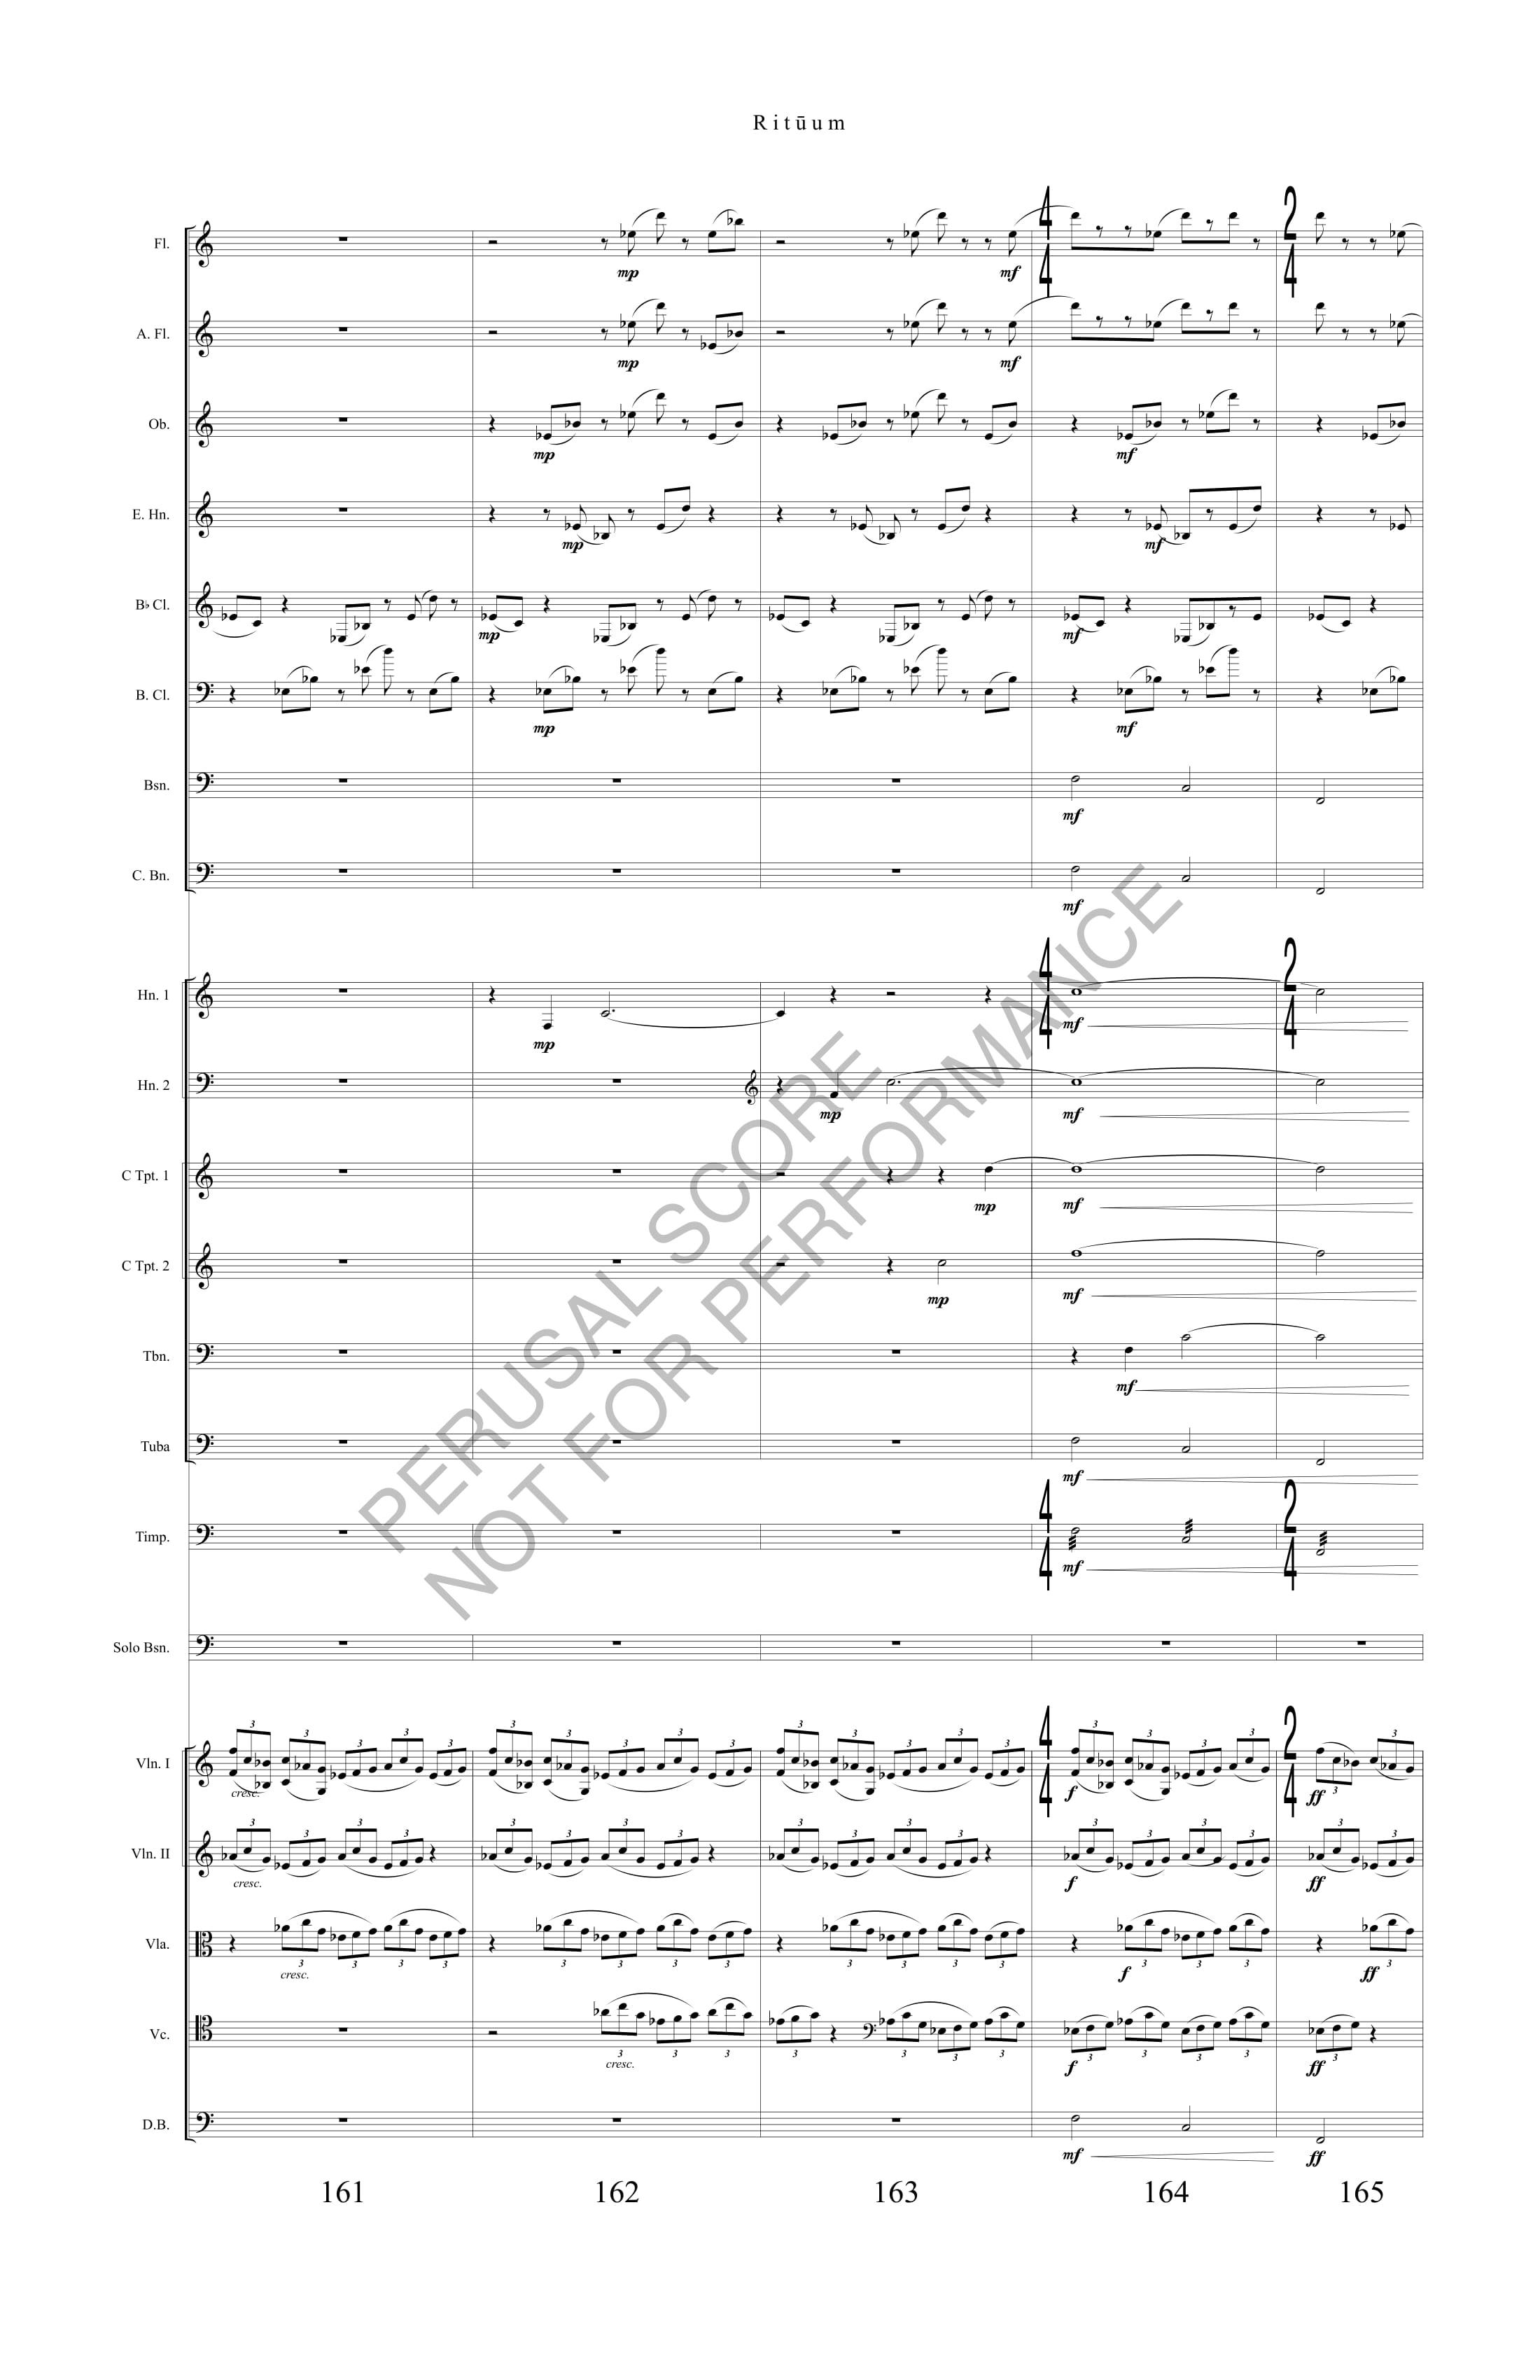 Boyd Rituum Score-watermark (1)-39.jpg